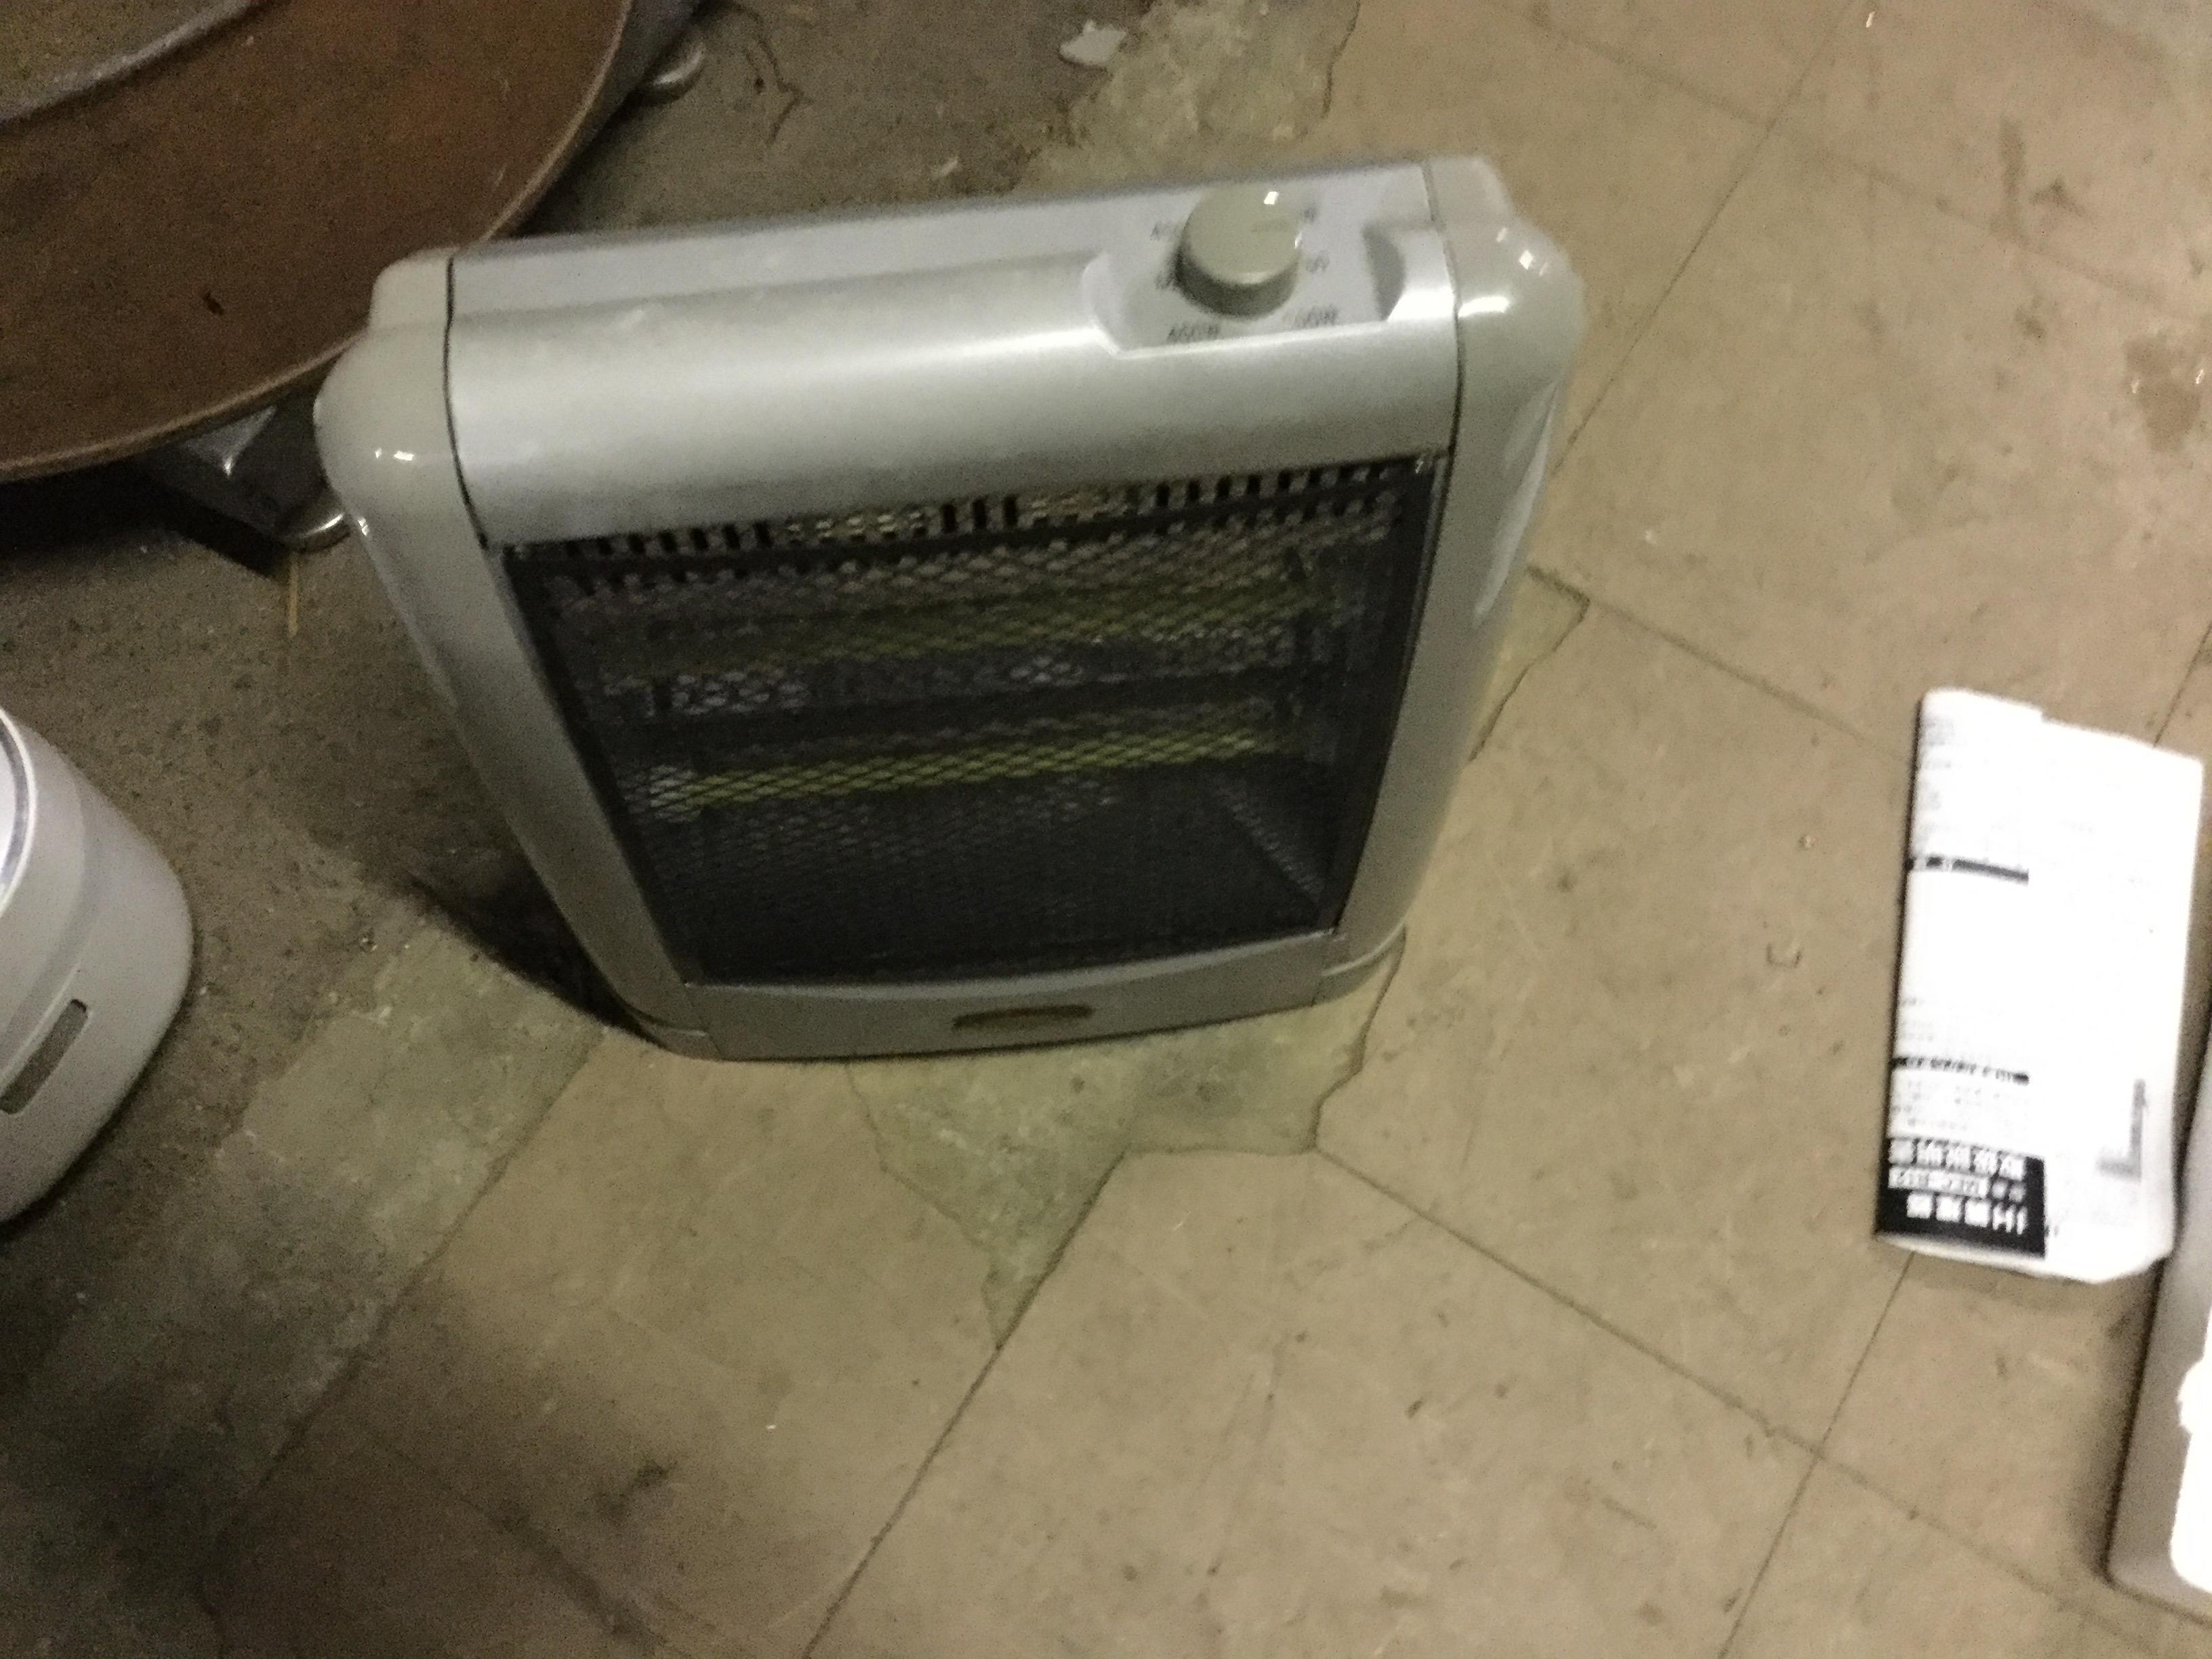 岡山市南区で不用品回収した電気ストーブ